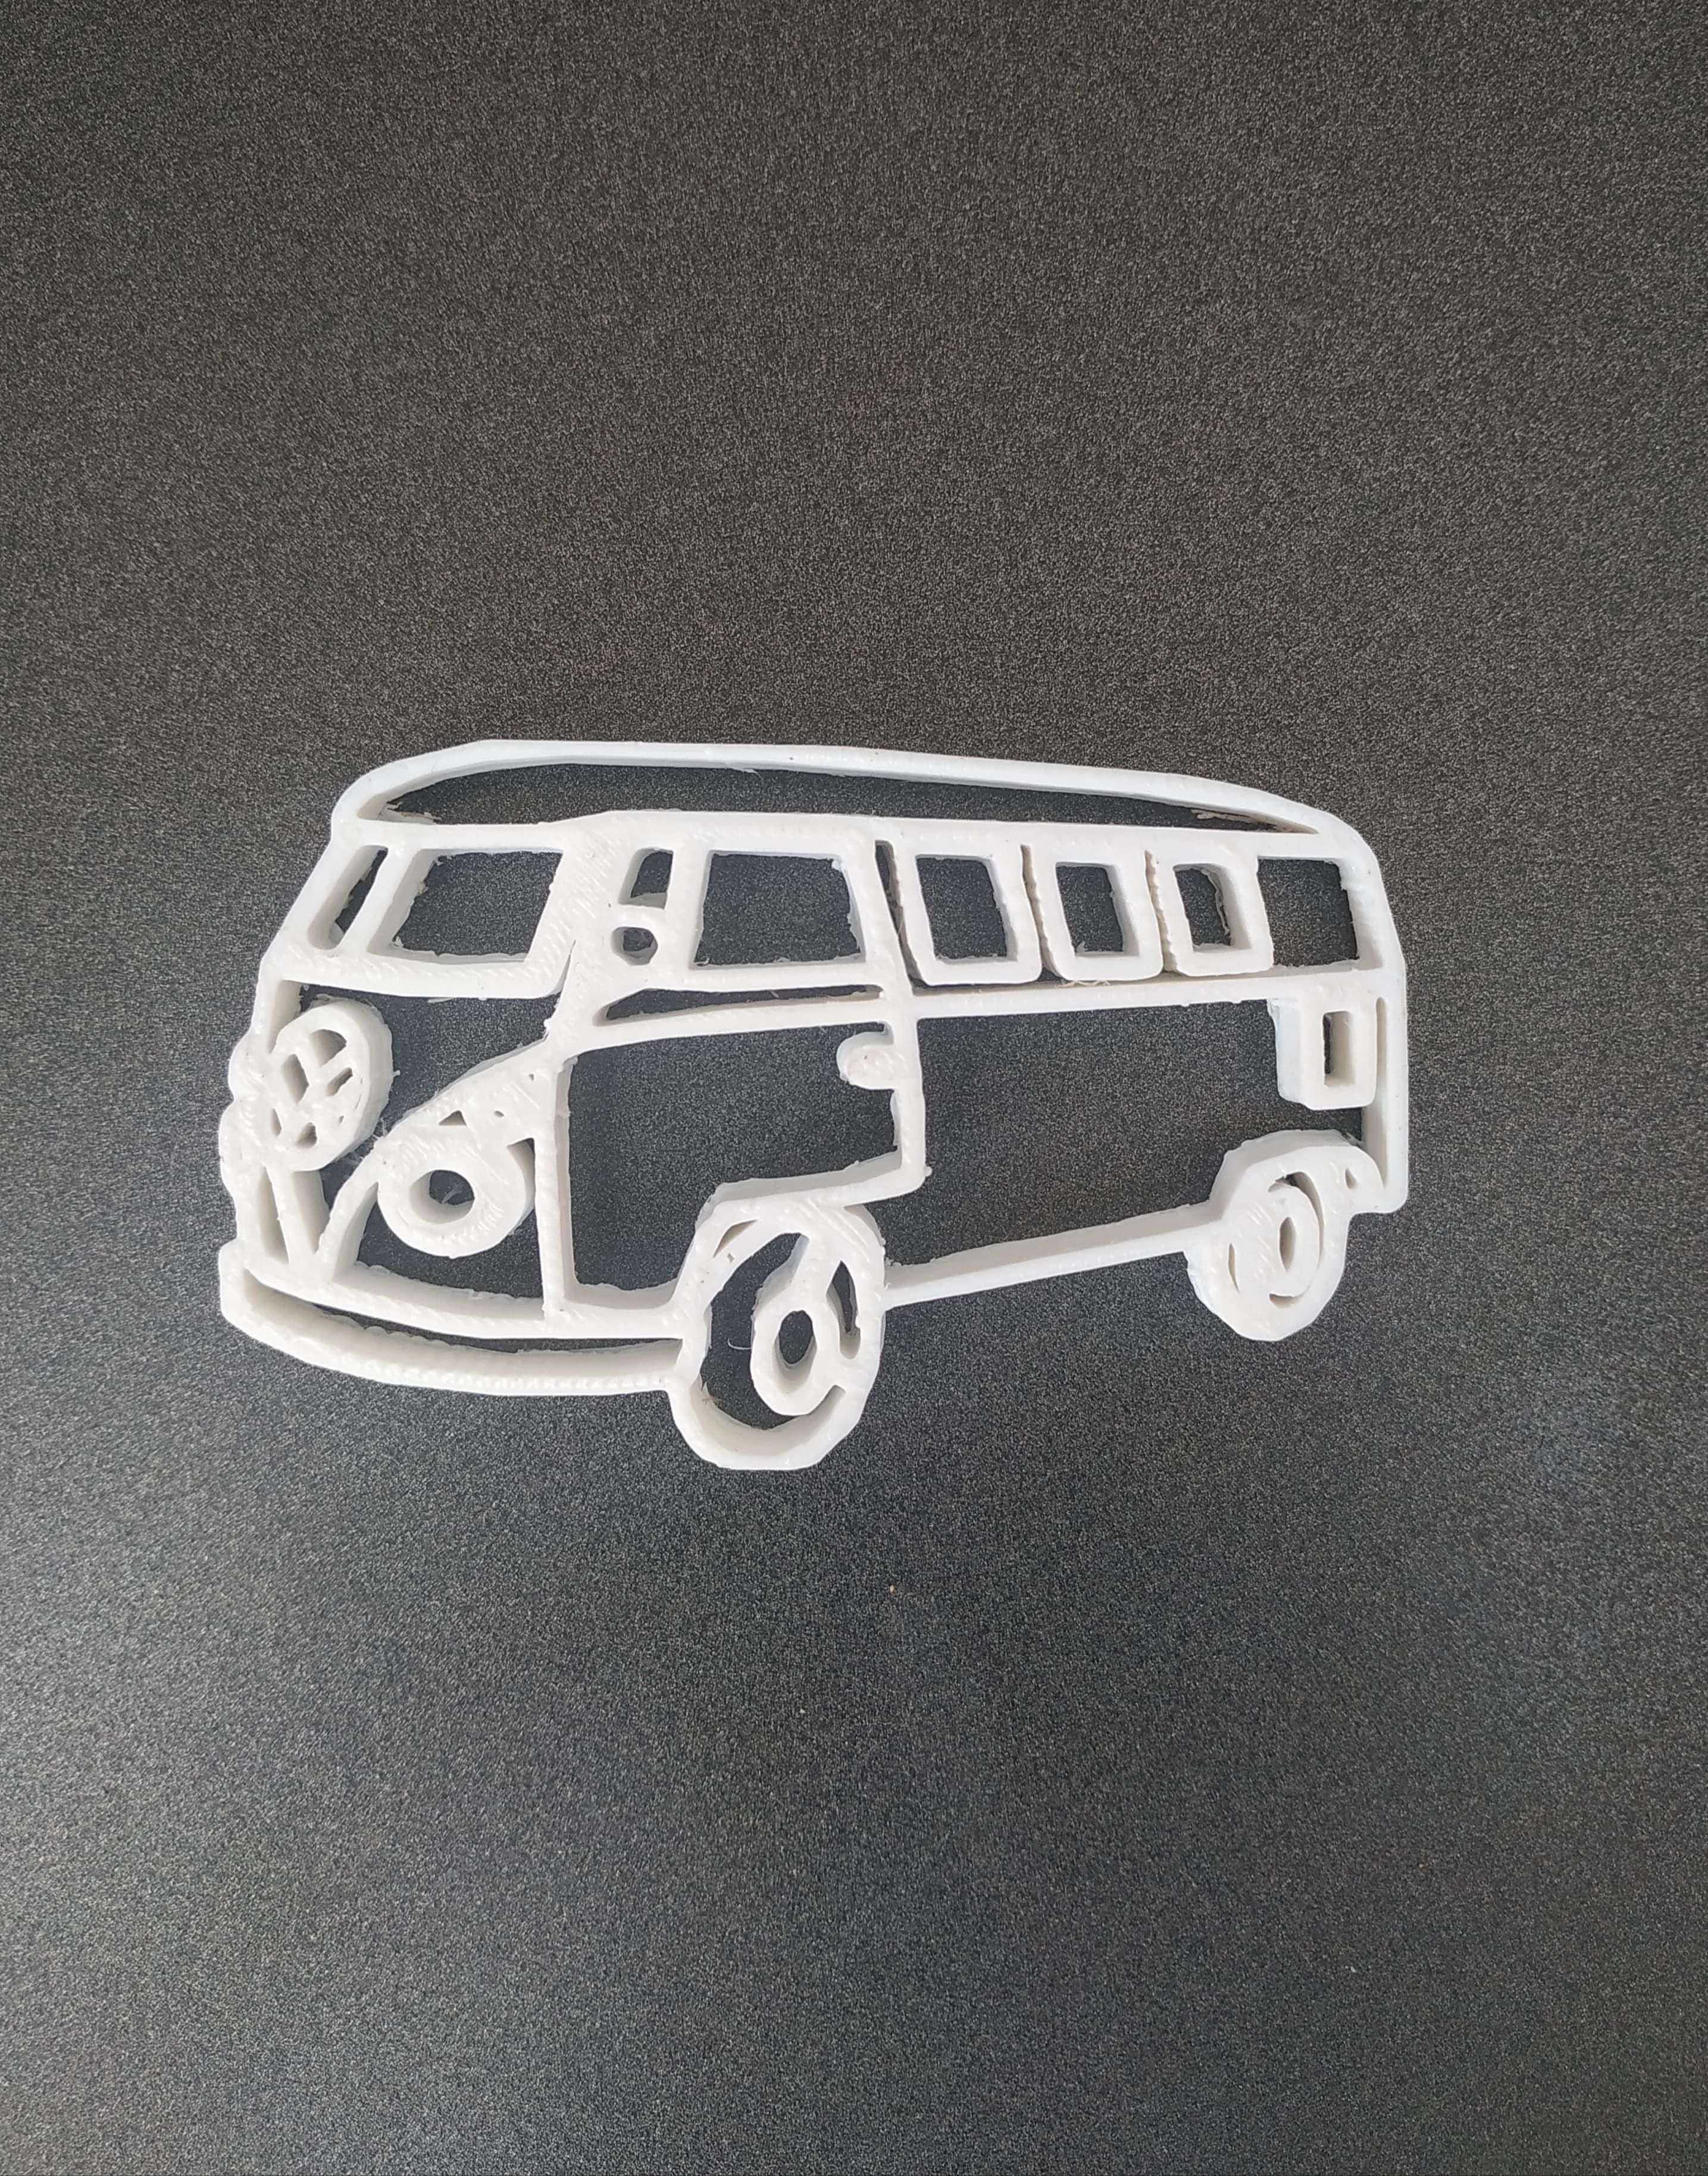 52396207_241756446728941_9011912938398679040_n.jpg Download STL file Van wolkswagen keychain • 3D printer template, motek